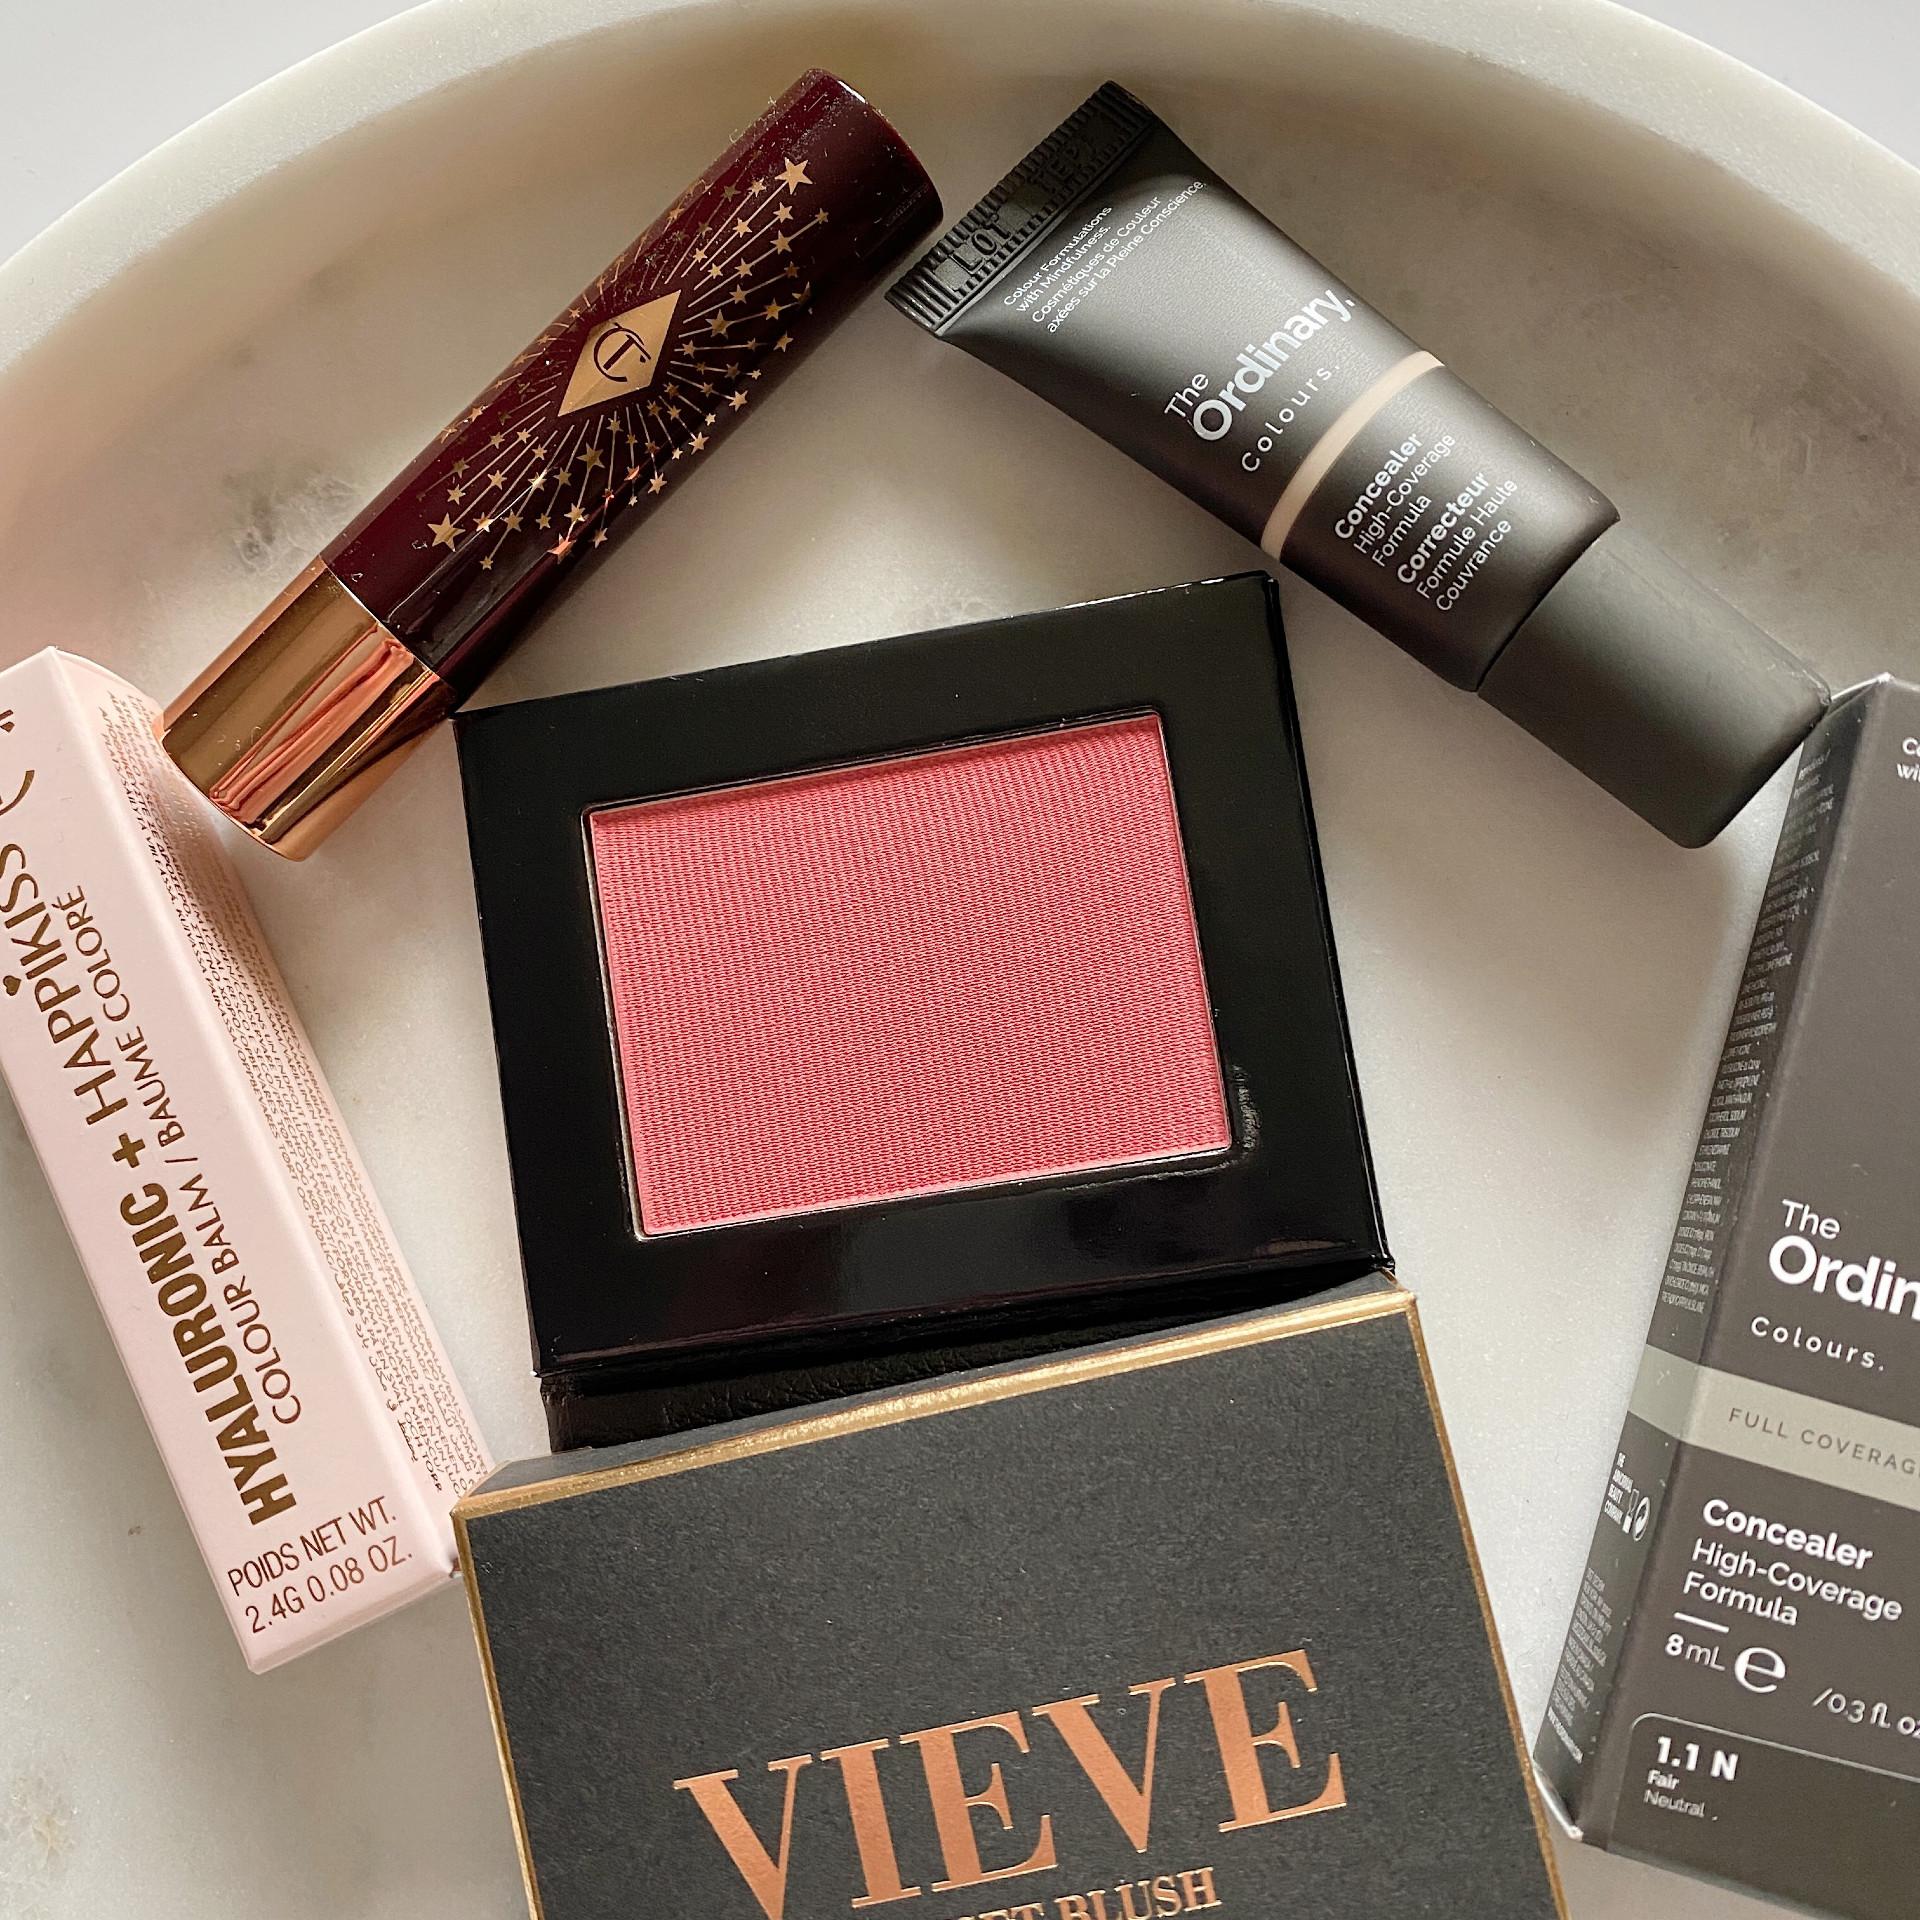 vieve sunset blush cherub review